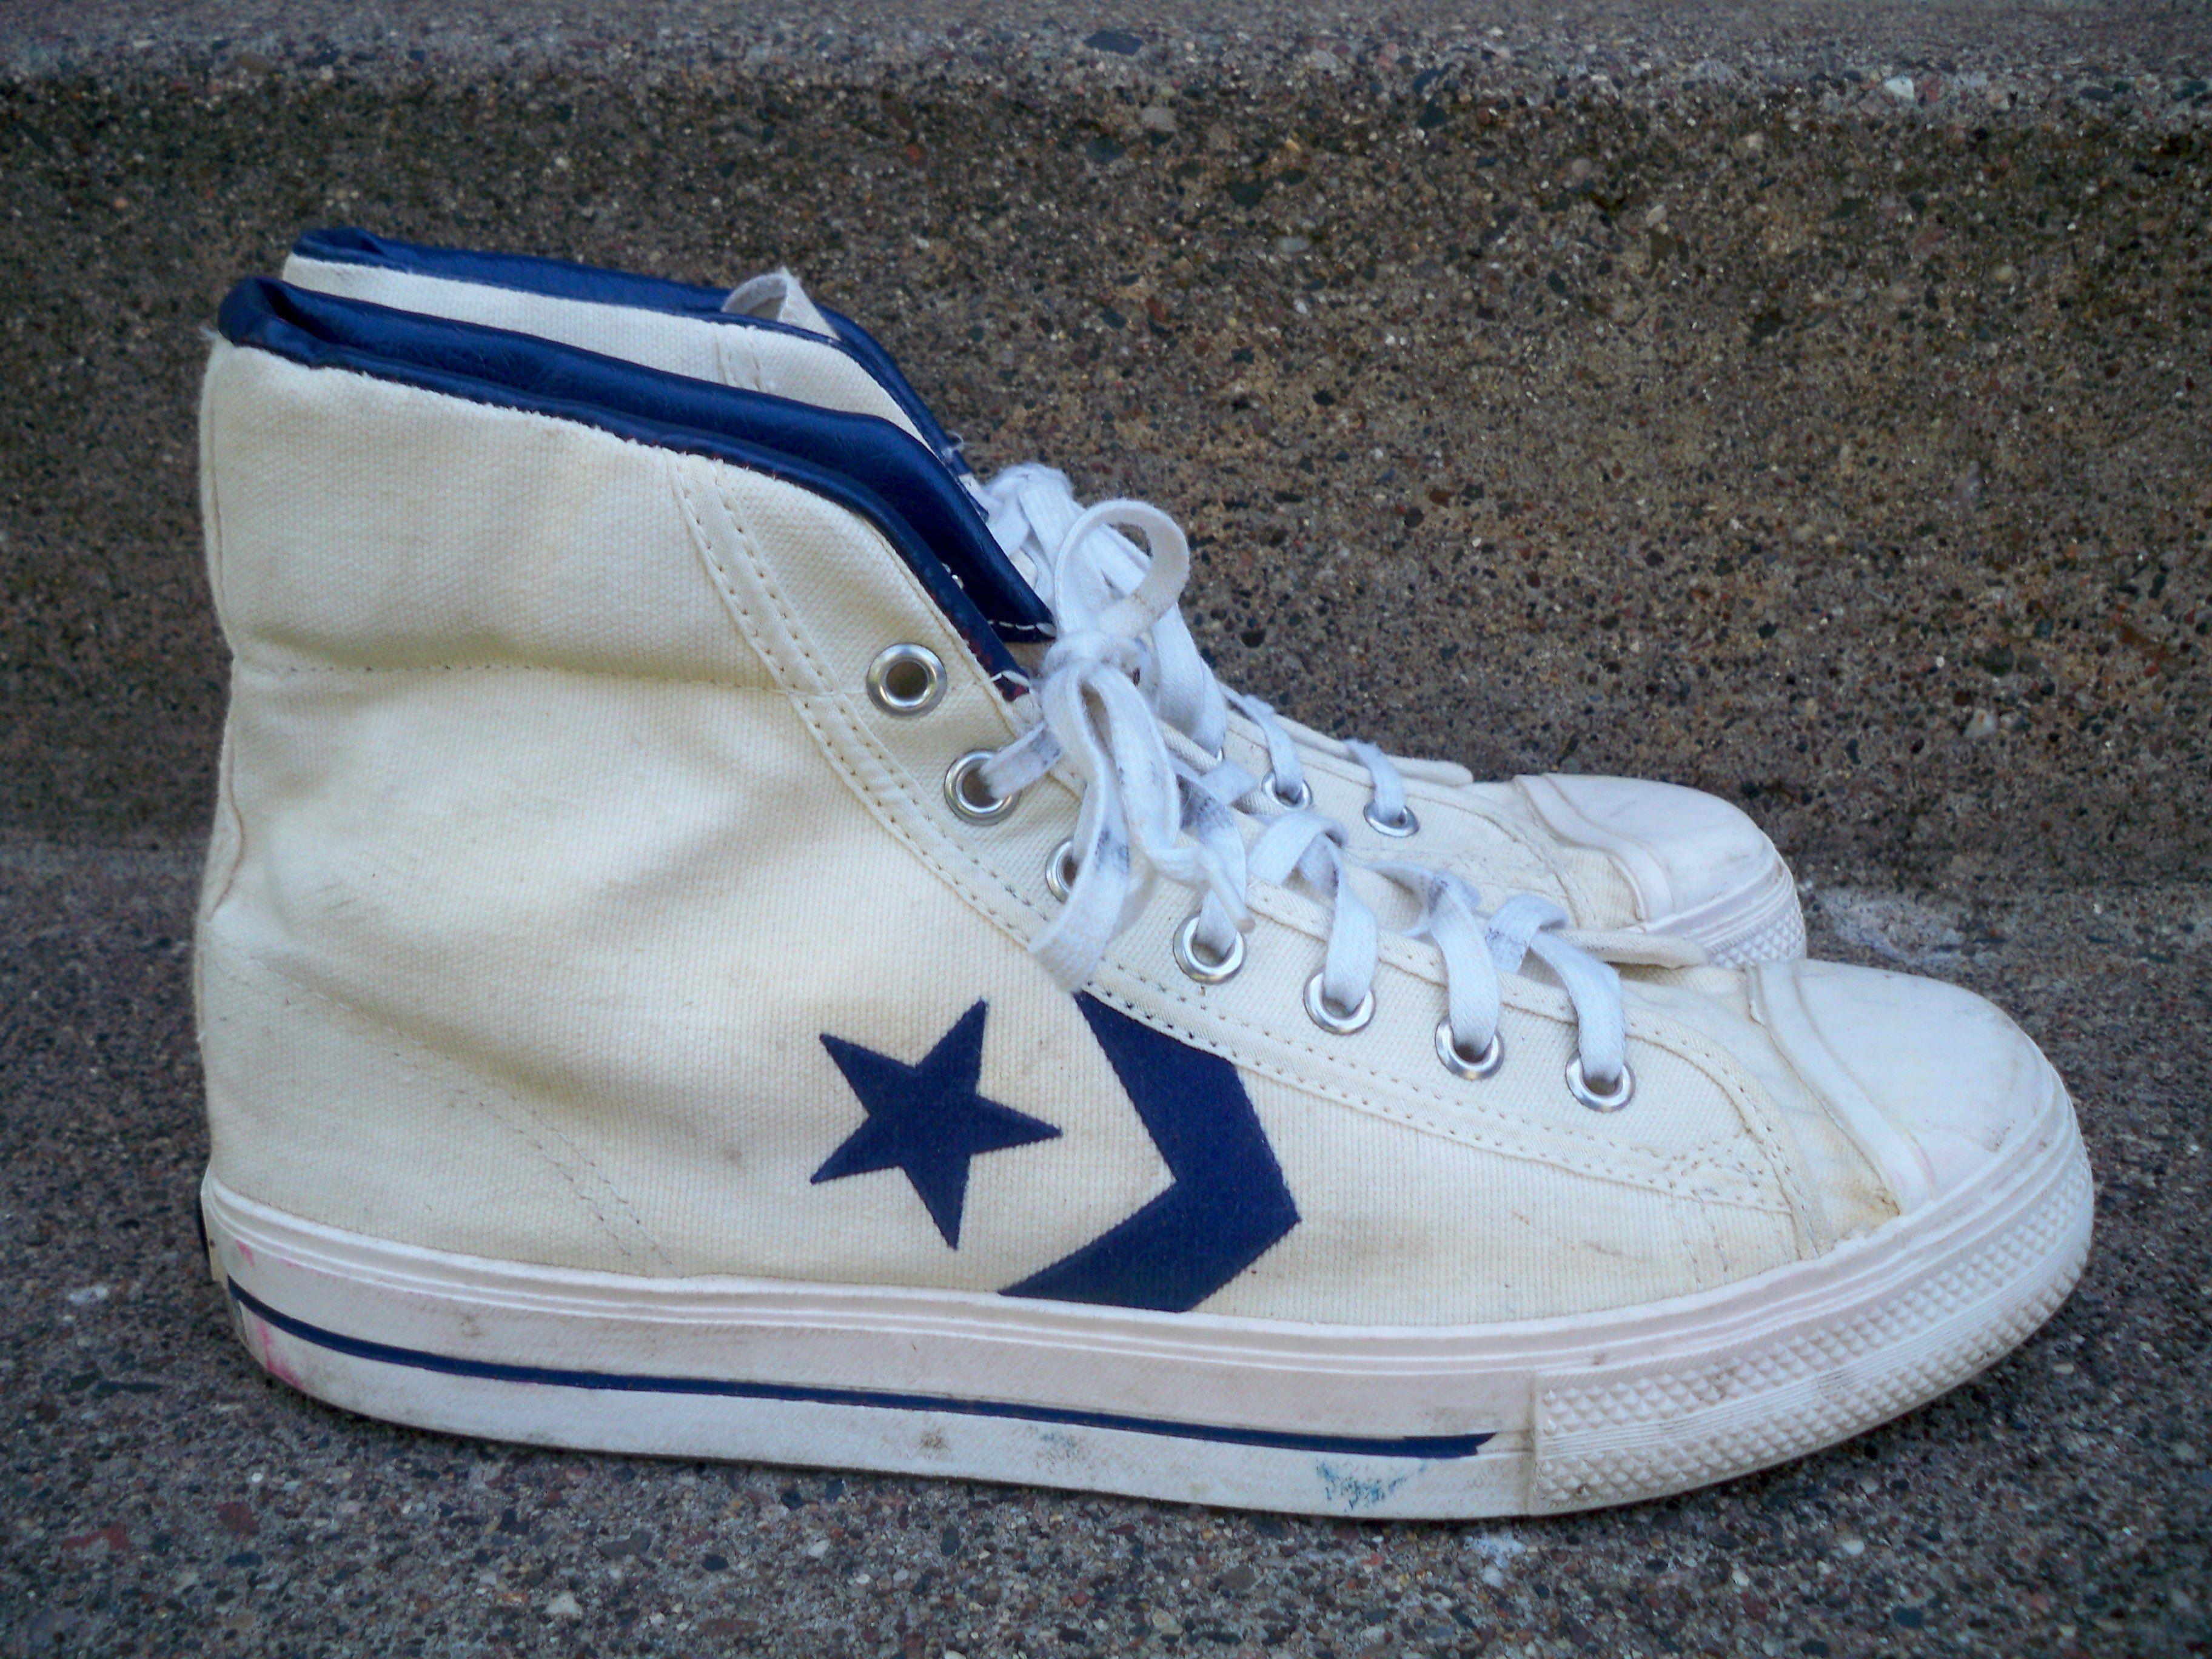 Dr. J Sneaker Shoes Kicks 8.5